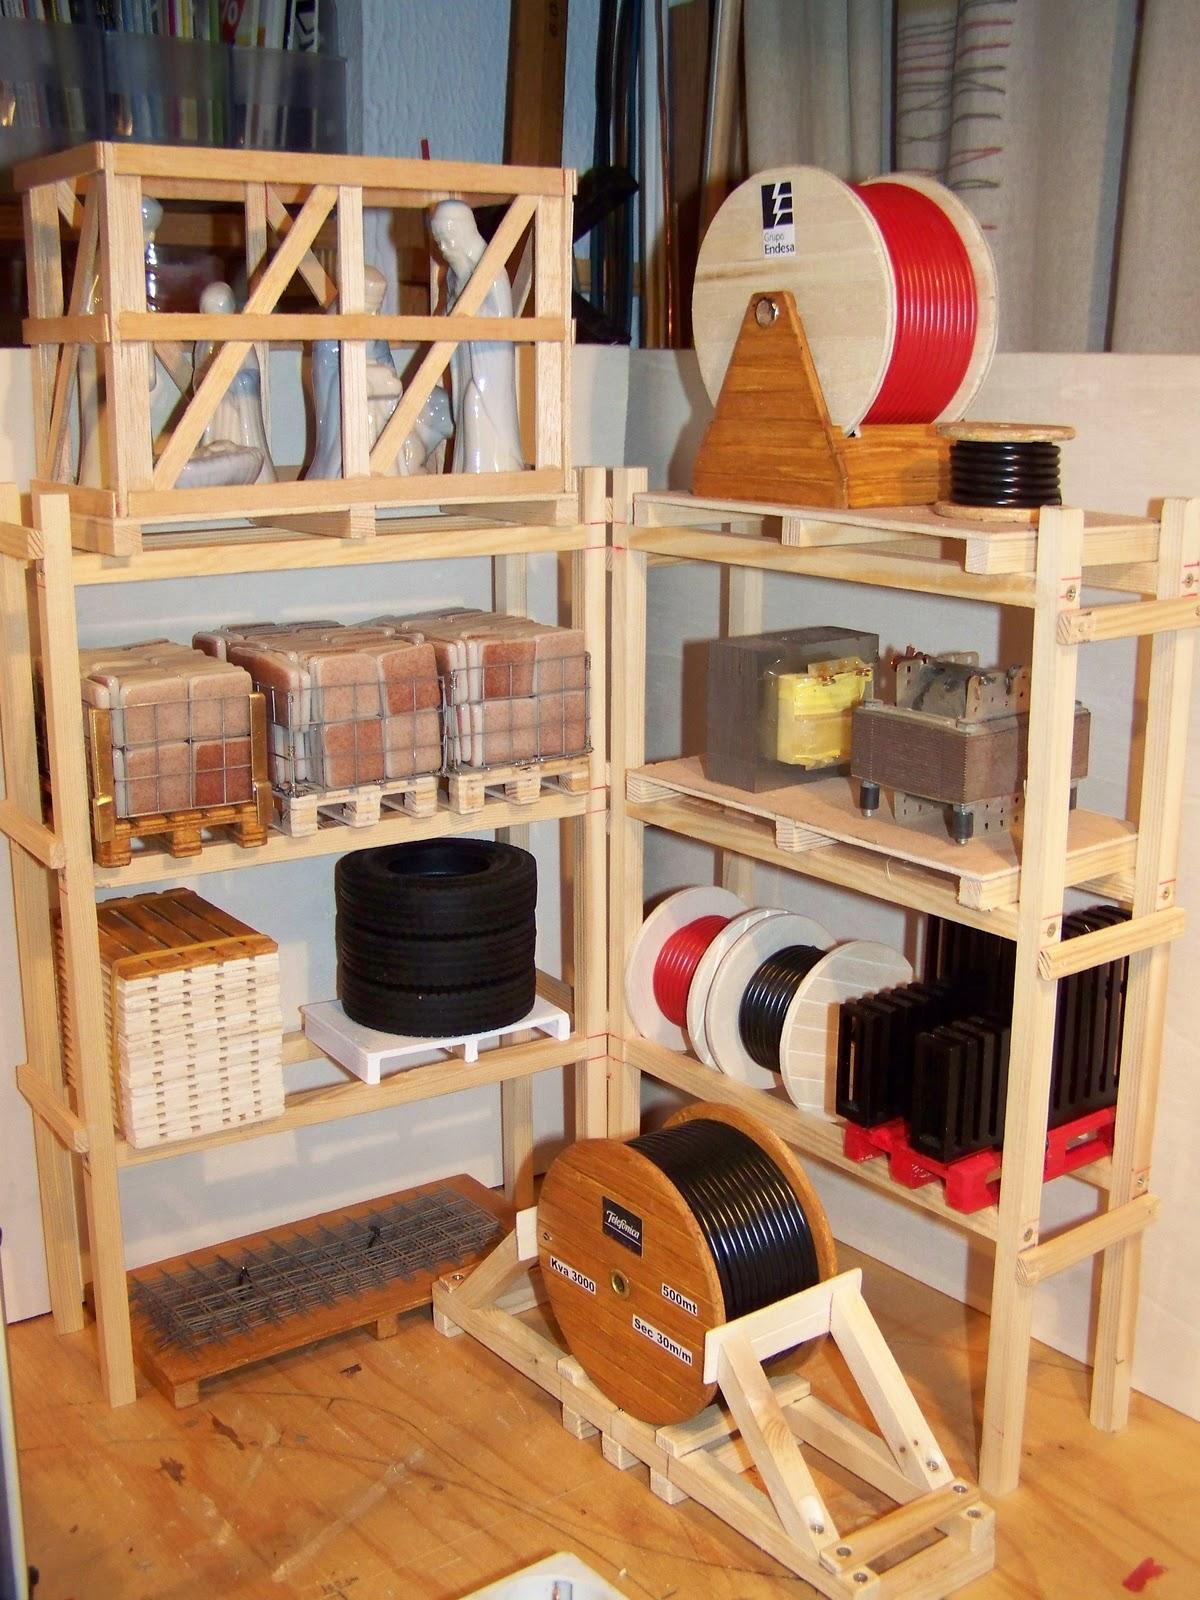 Hobby truck malaga r c estanterias para los palets - Estanterias para palets ...